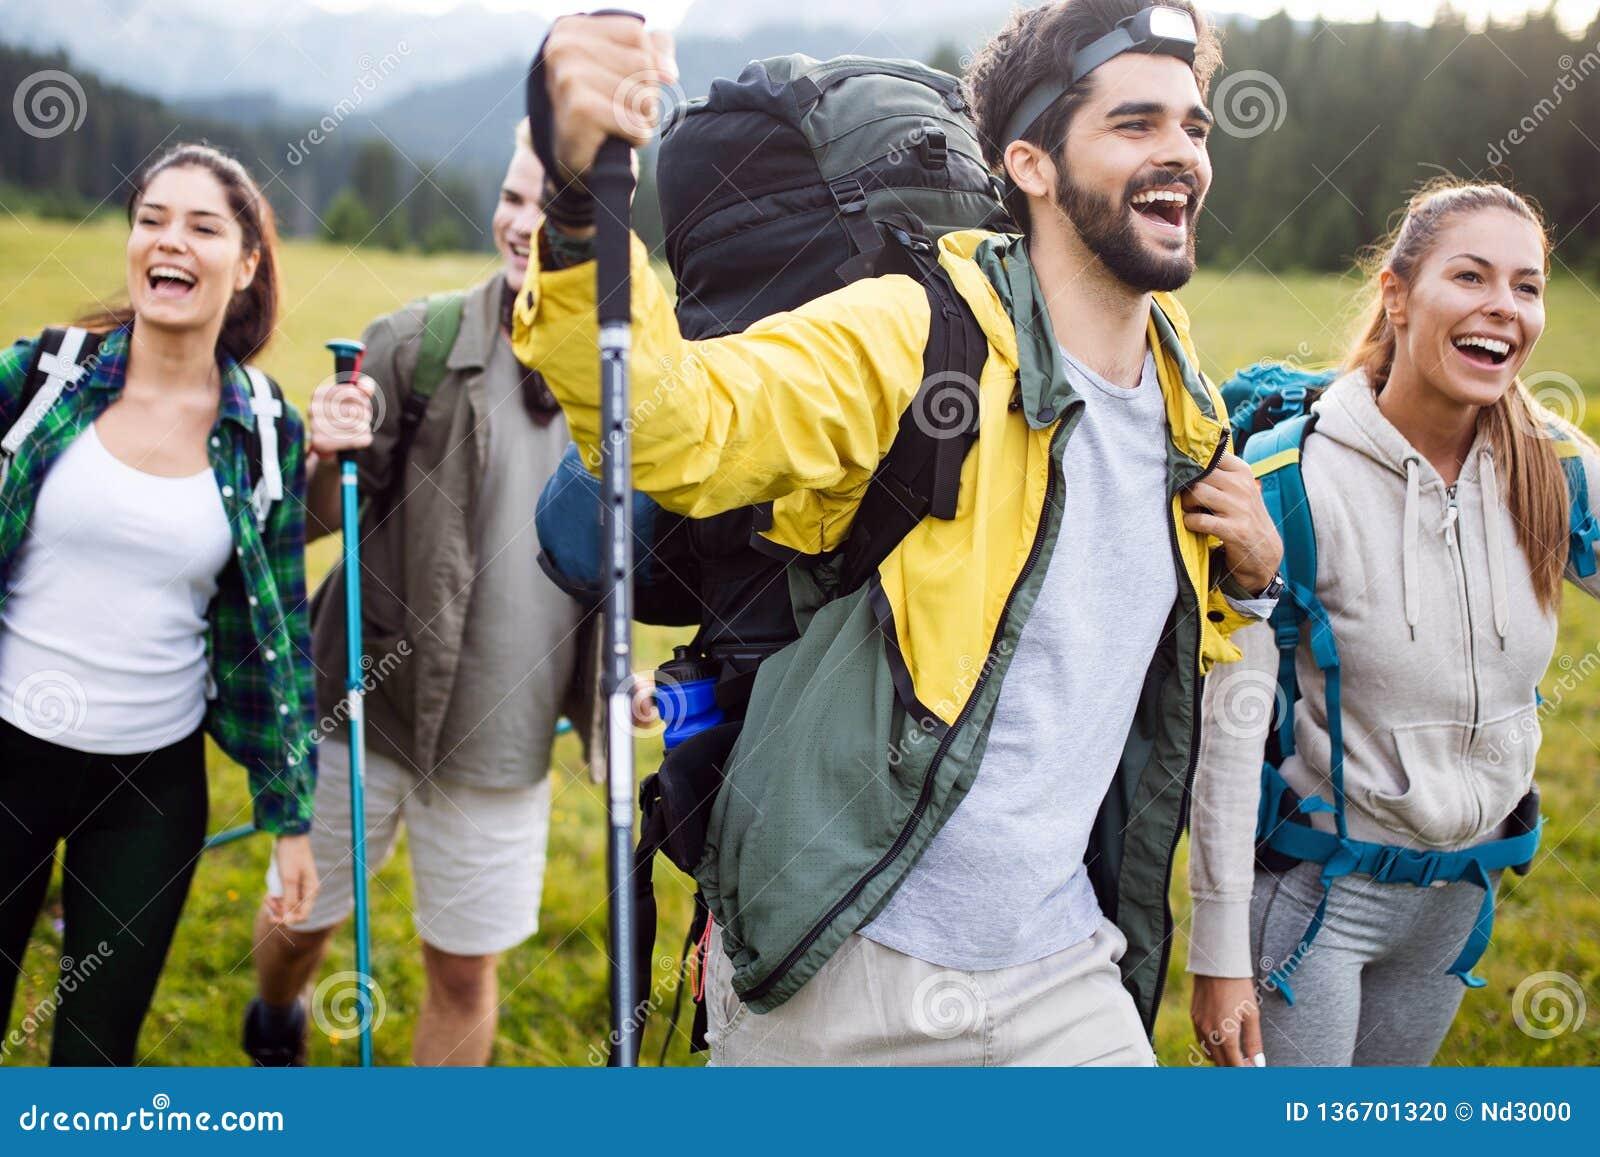 Reise-, Tourismus-, Wanderungs-, Gesten- und Leutekonzept - Gruppe lächelnde Freunde mit Rucksäcken